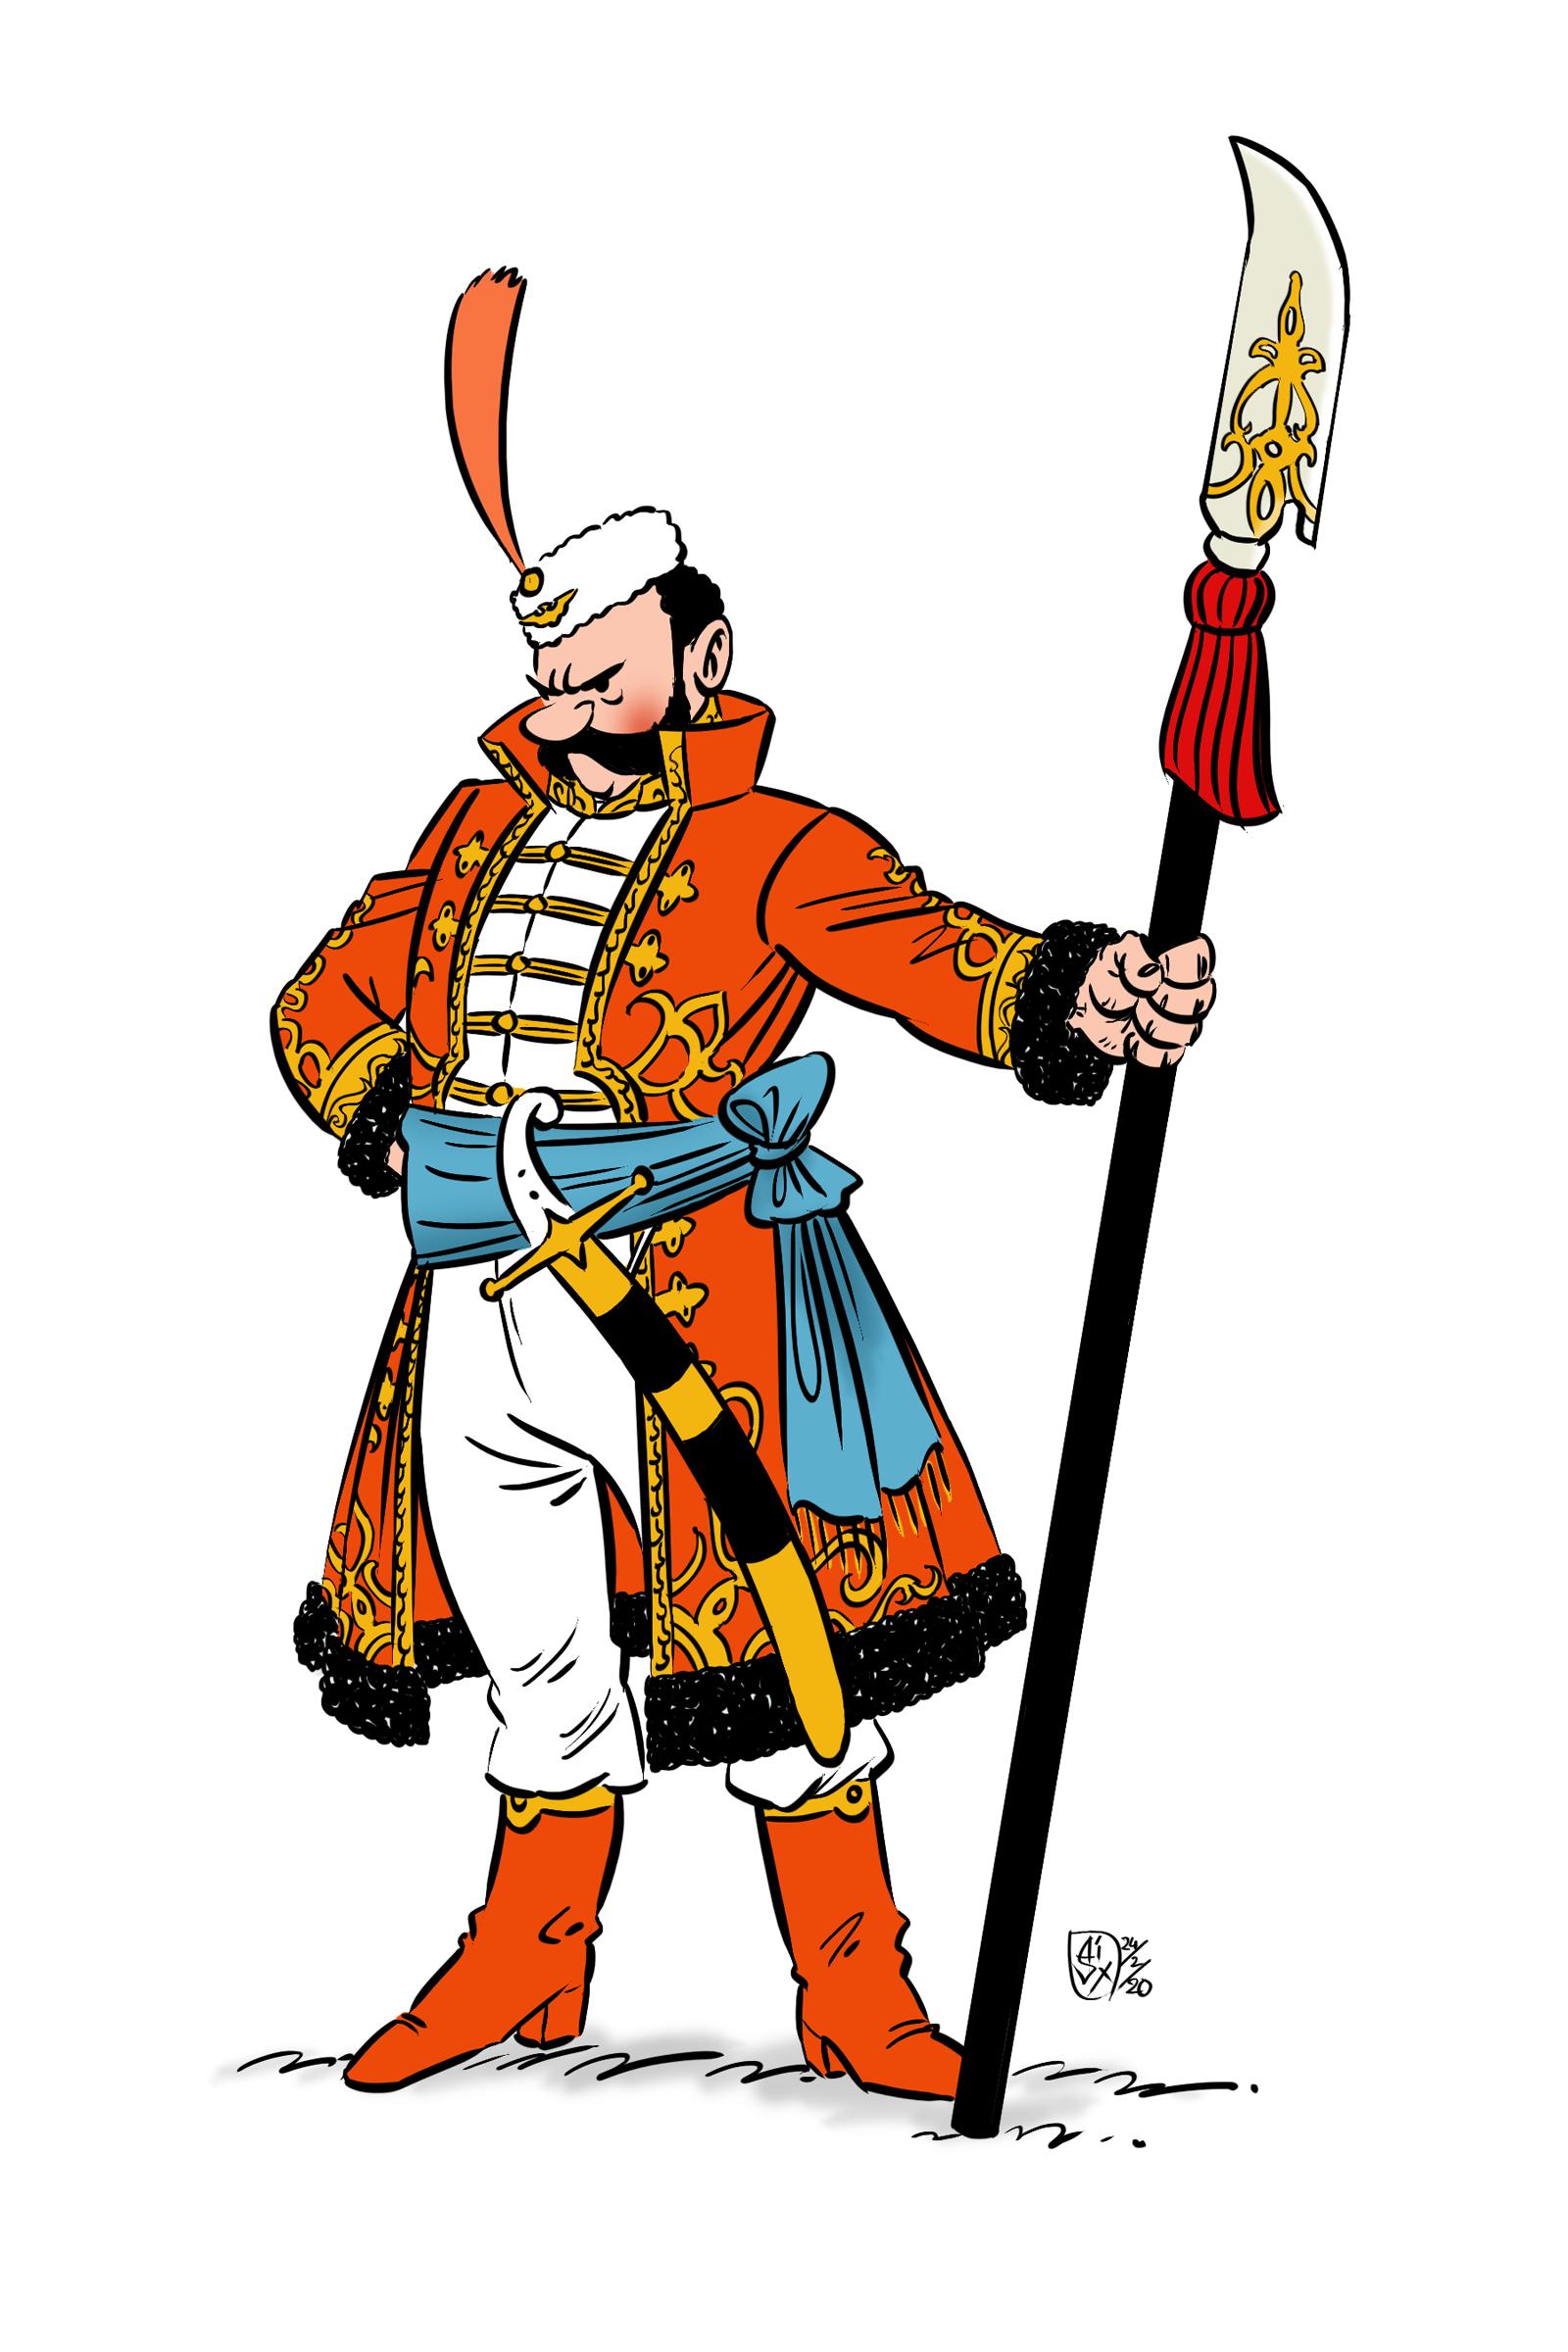 Syldavian Royal Guard